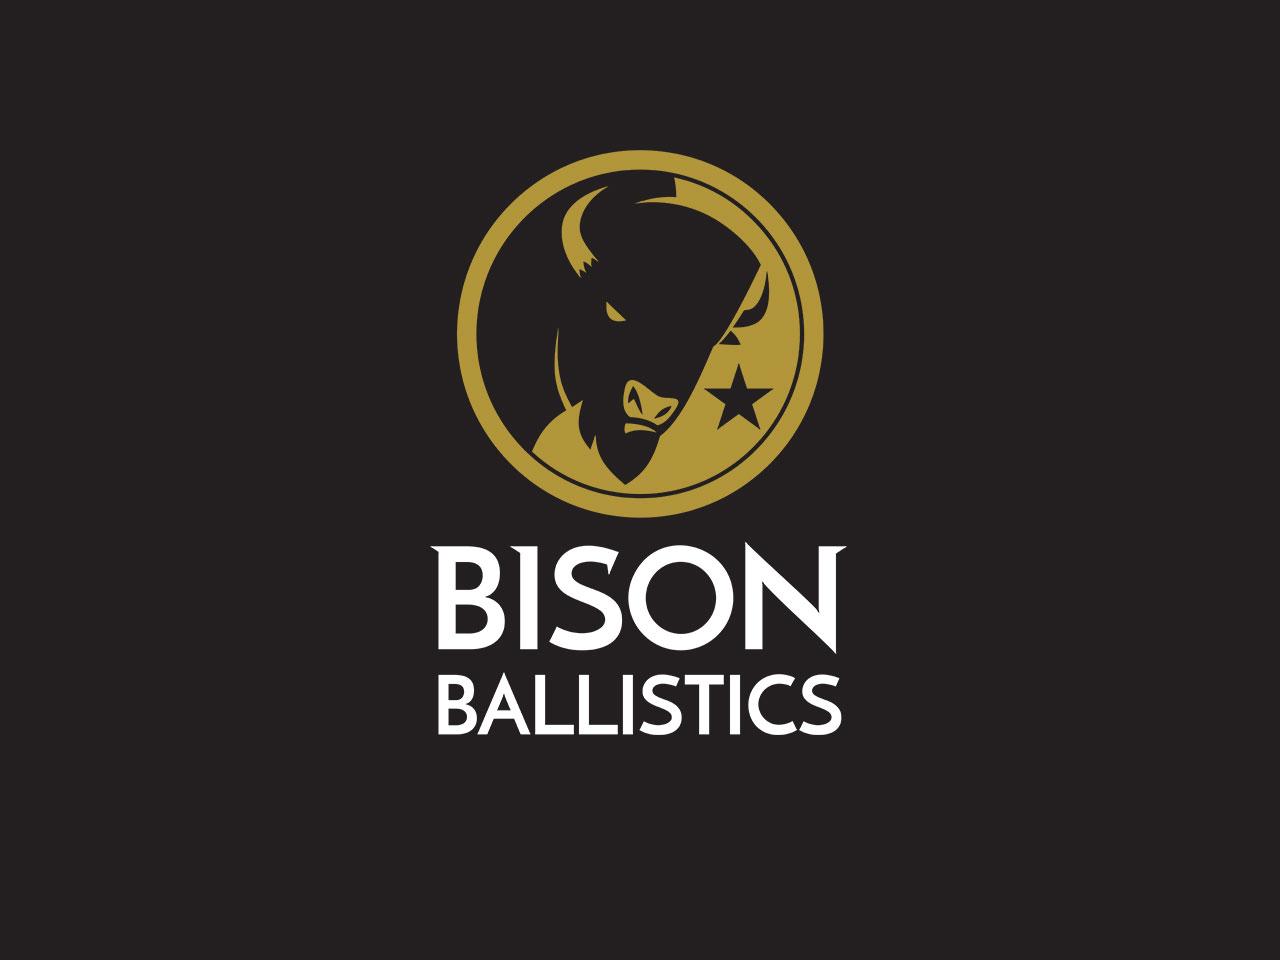 Bison Ballistics logo